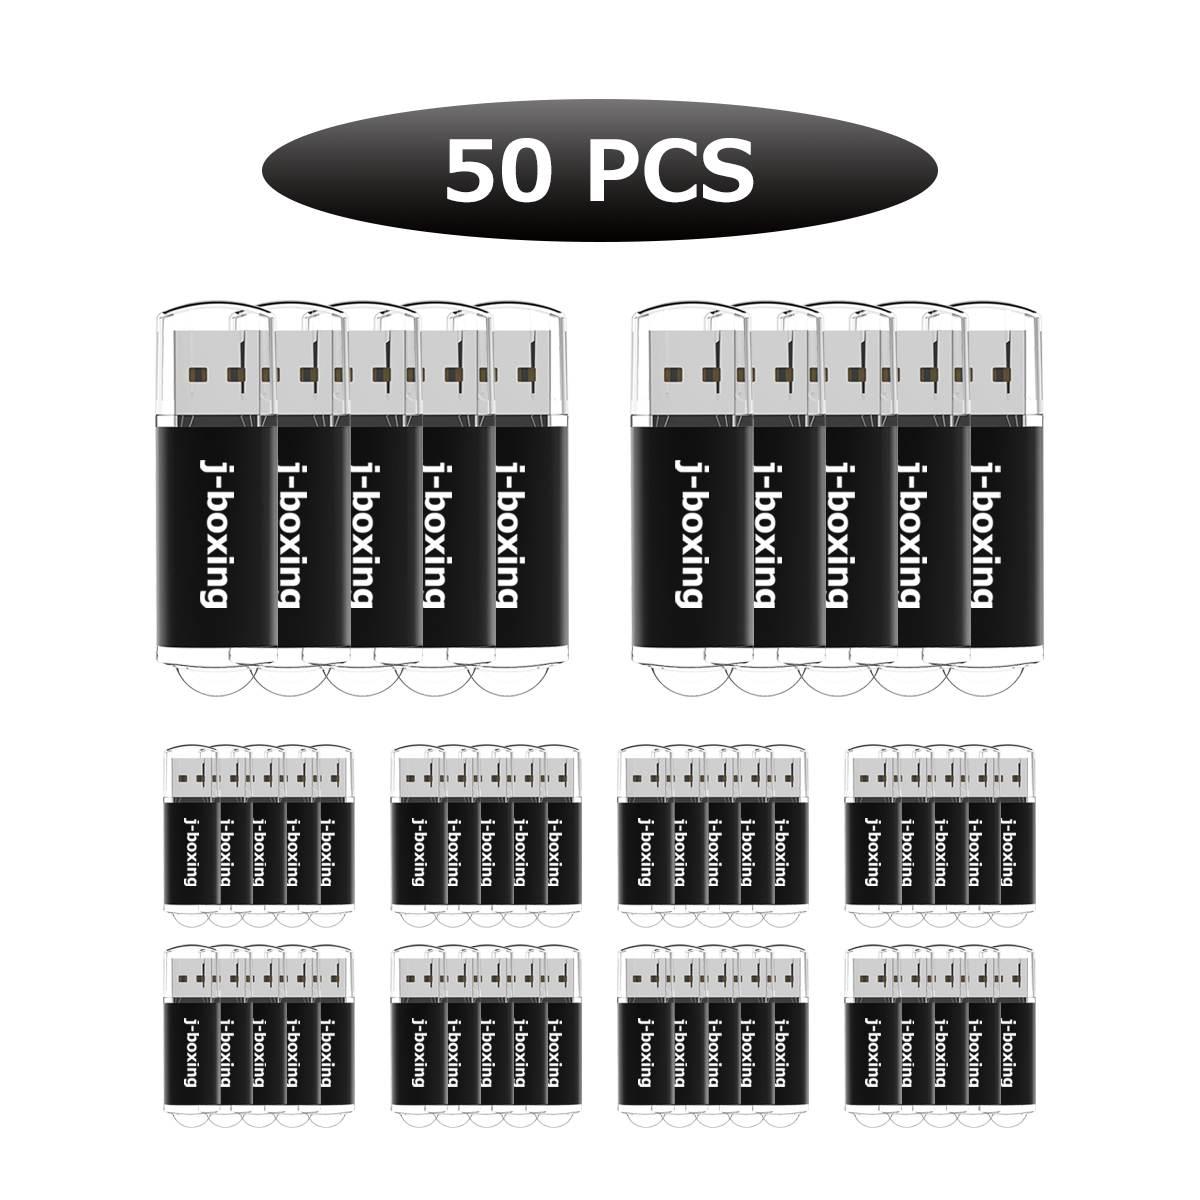 50PCS/LOT 32GB USB Flash Drives Rectangle Flash Pen Drive J-boxing Thumb Storage Memory Stick 8 Colours for PC Laptop Mac Tablet